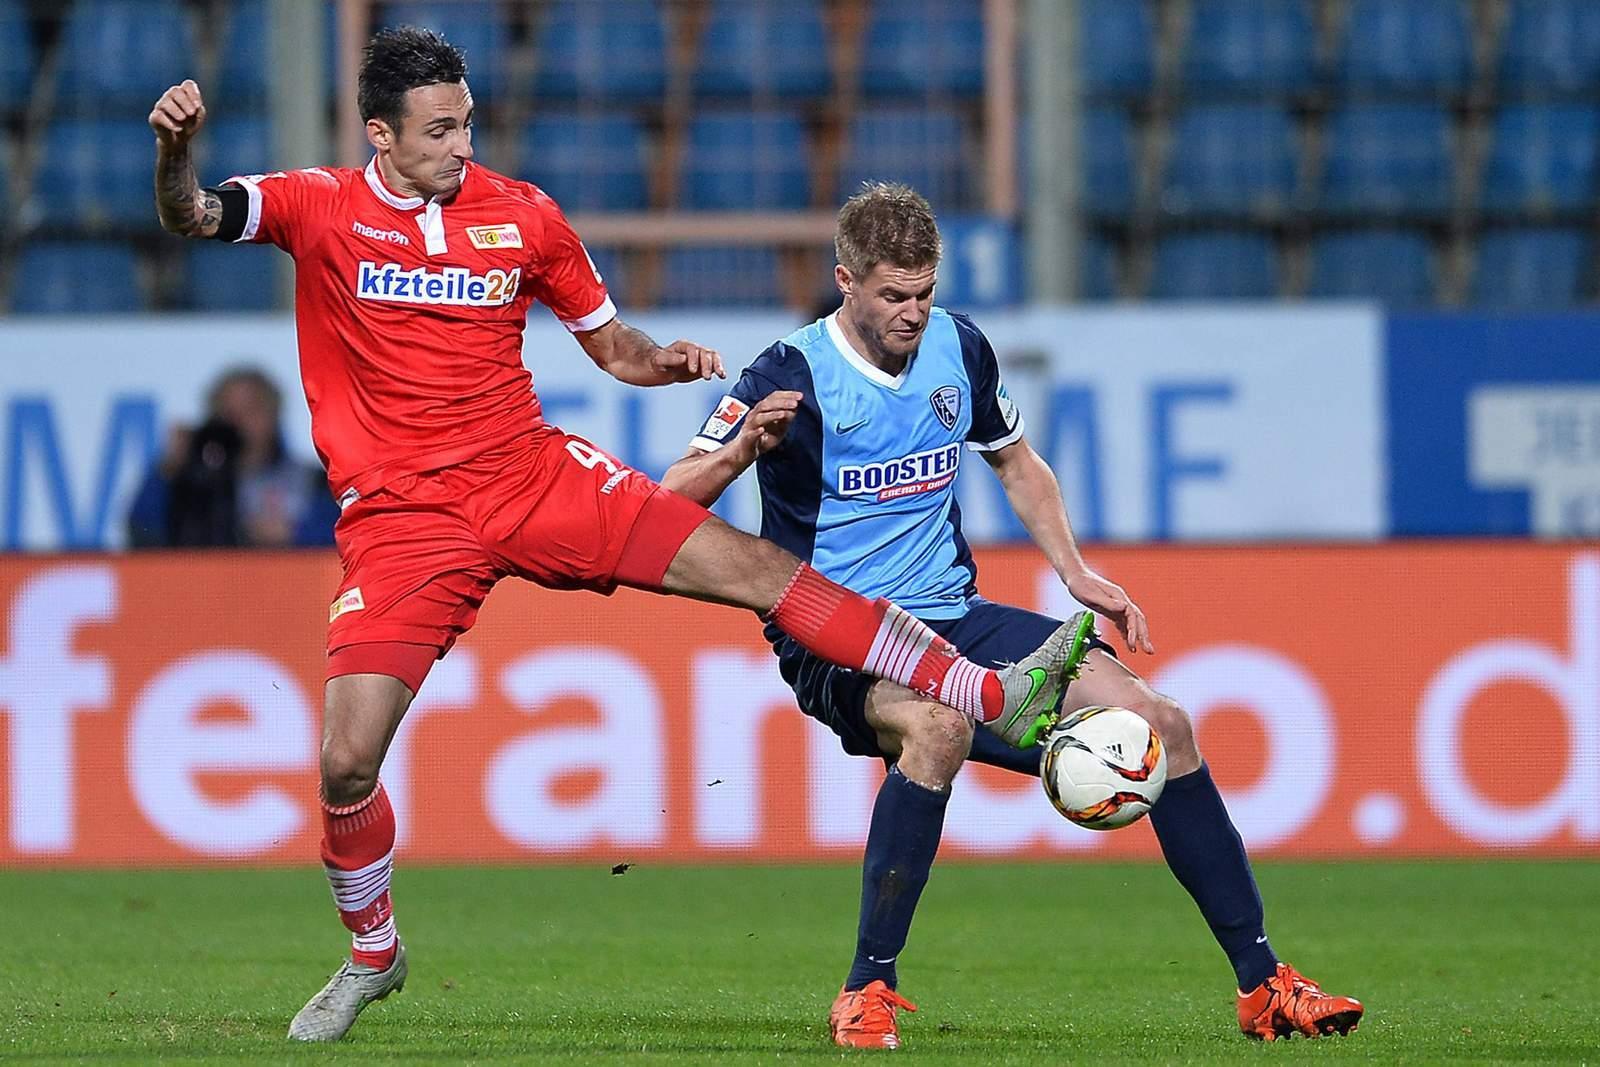 Gewinnt Puncec das Duell mit Terodde? Unser Tipp: Union Berlin gewinnt gegen Bochum